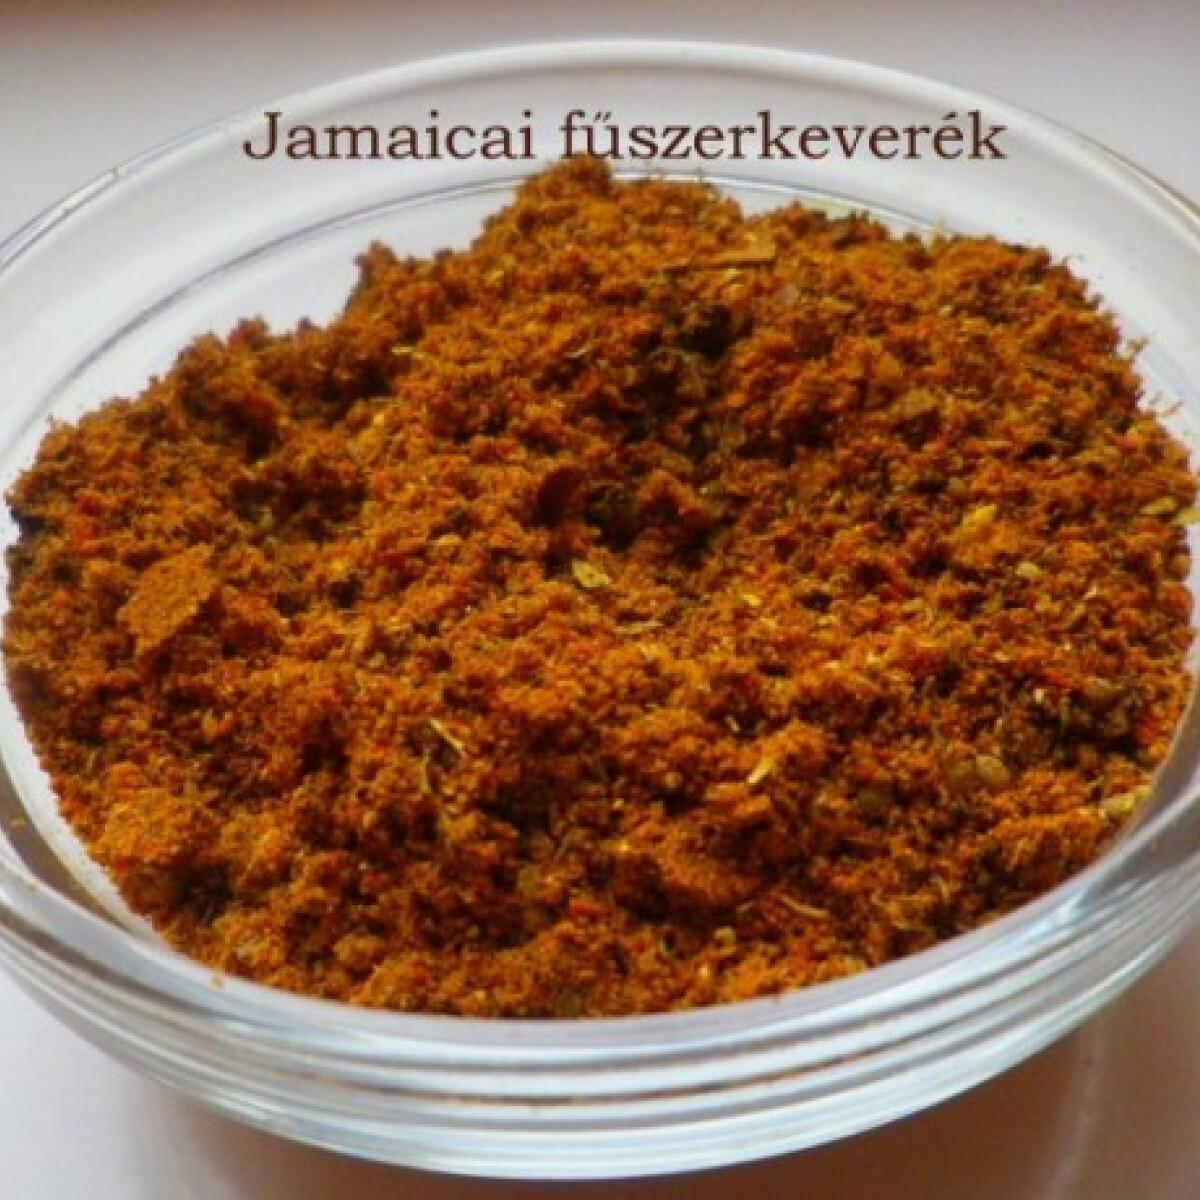 Jamaicai fűszerkeverék